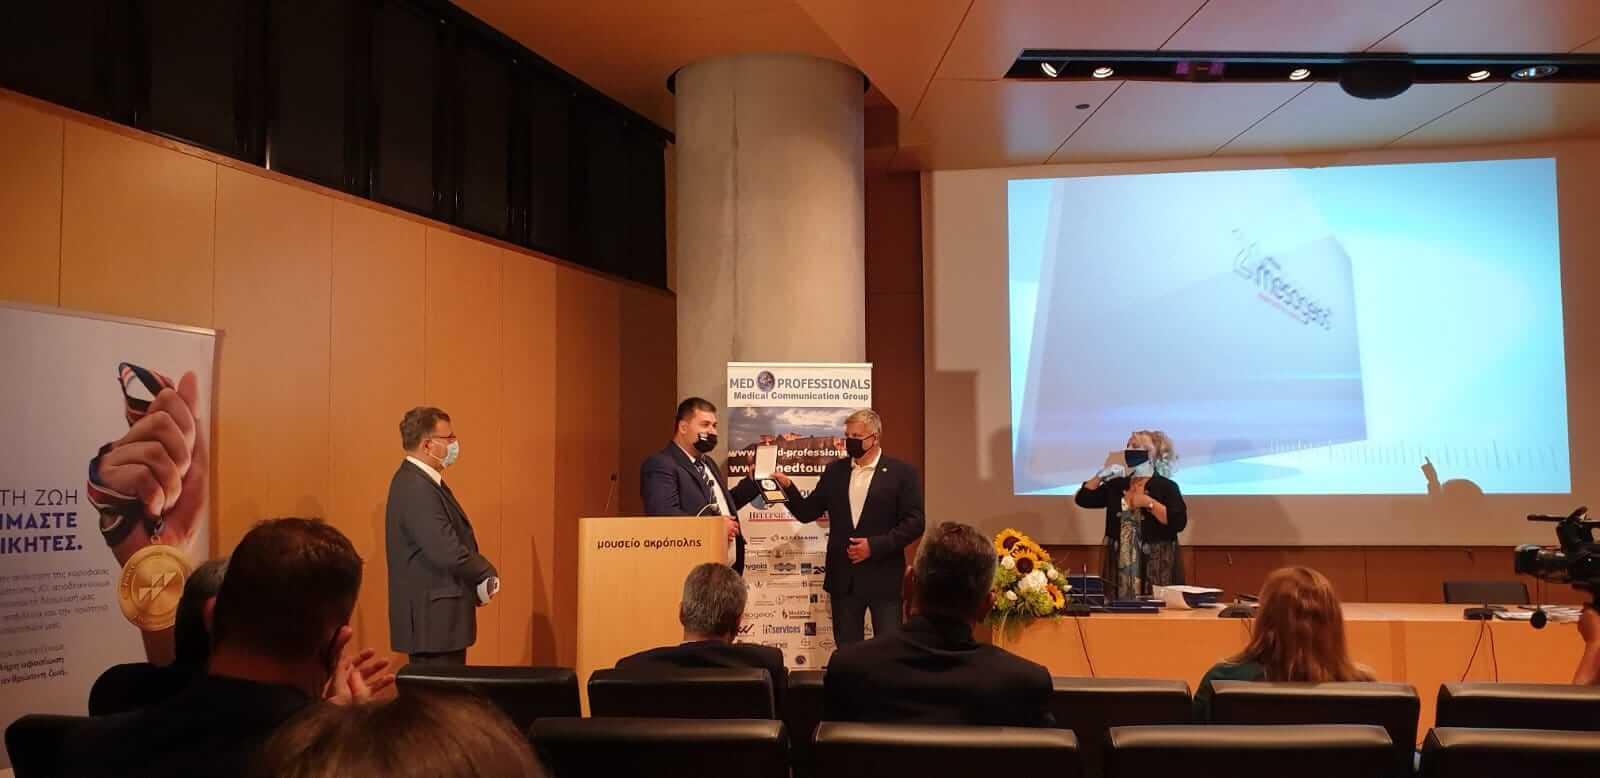 Βραβεύτηκε ο Κερατσινιώτης Δημήτρης Καρκανοραχάκης για την κοινωνική του προσφορά